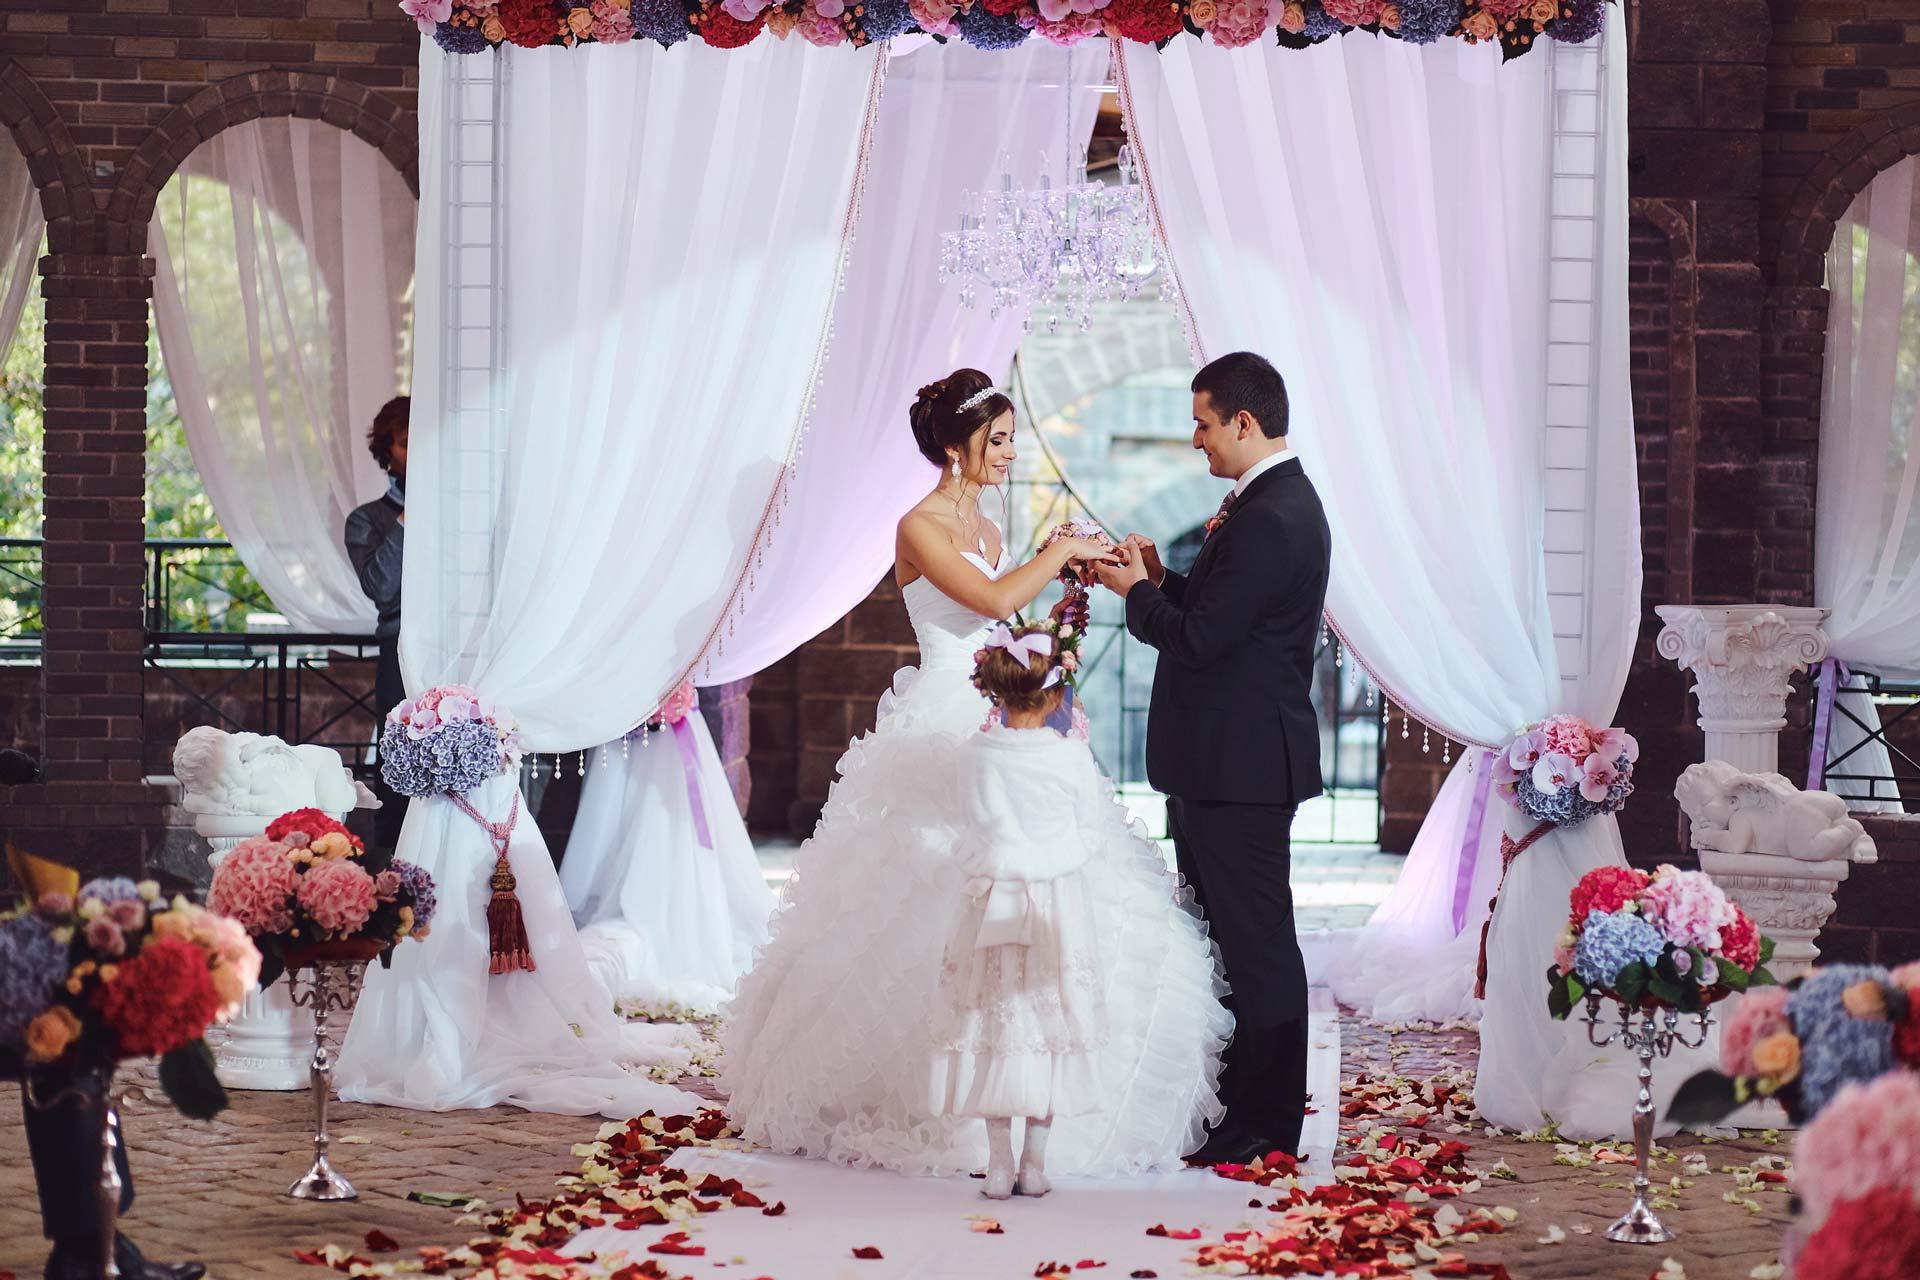 Мифология и национальные традиции. Свадьба Александра и Татьяны фото 15